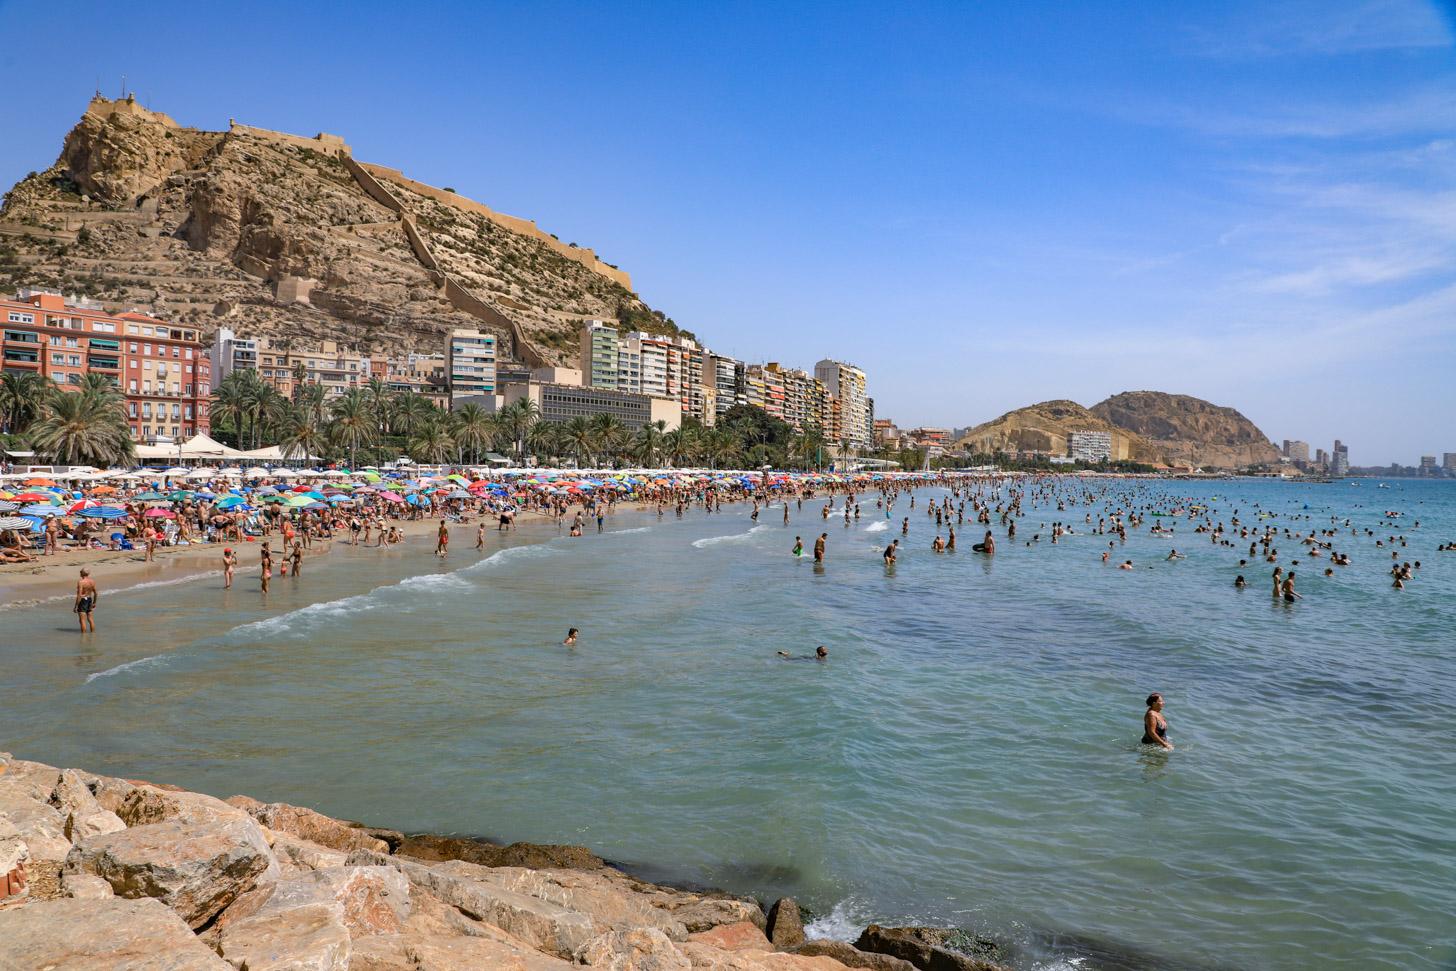 Vakantie naar Alicante